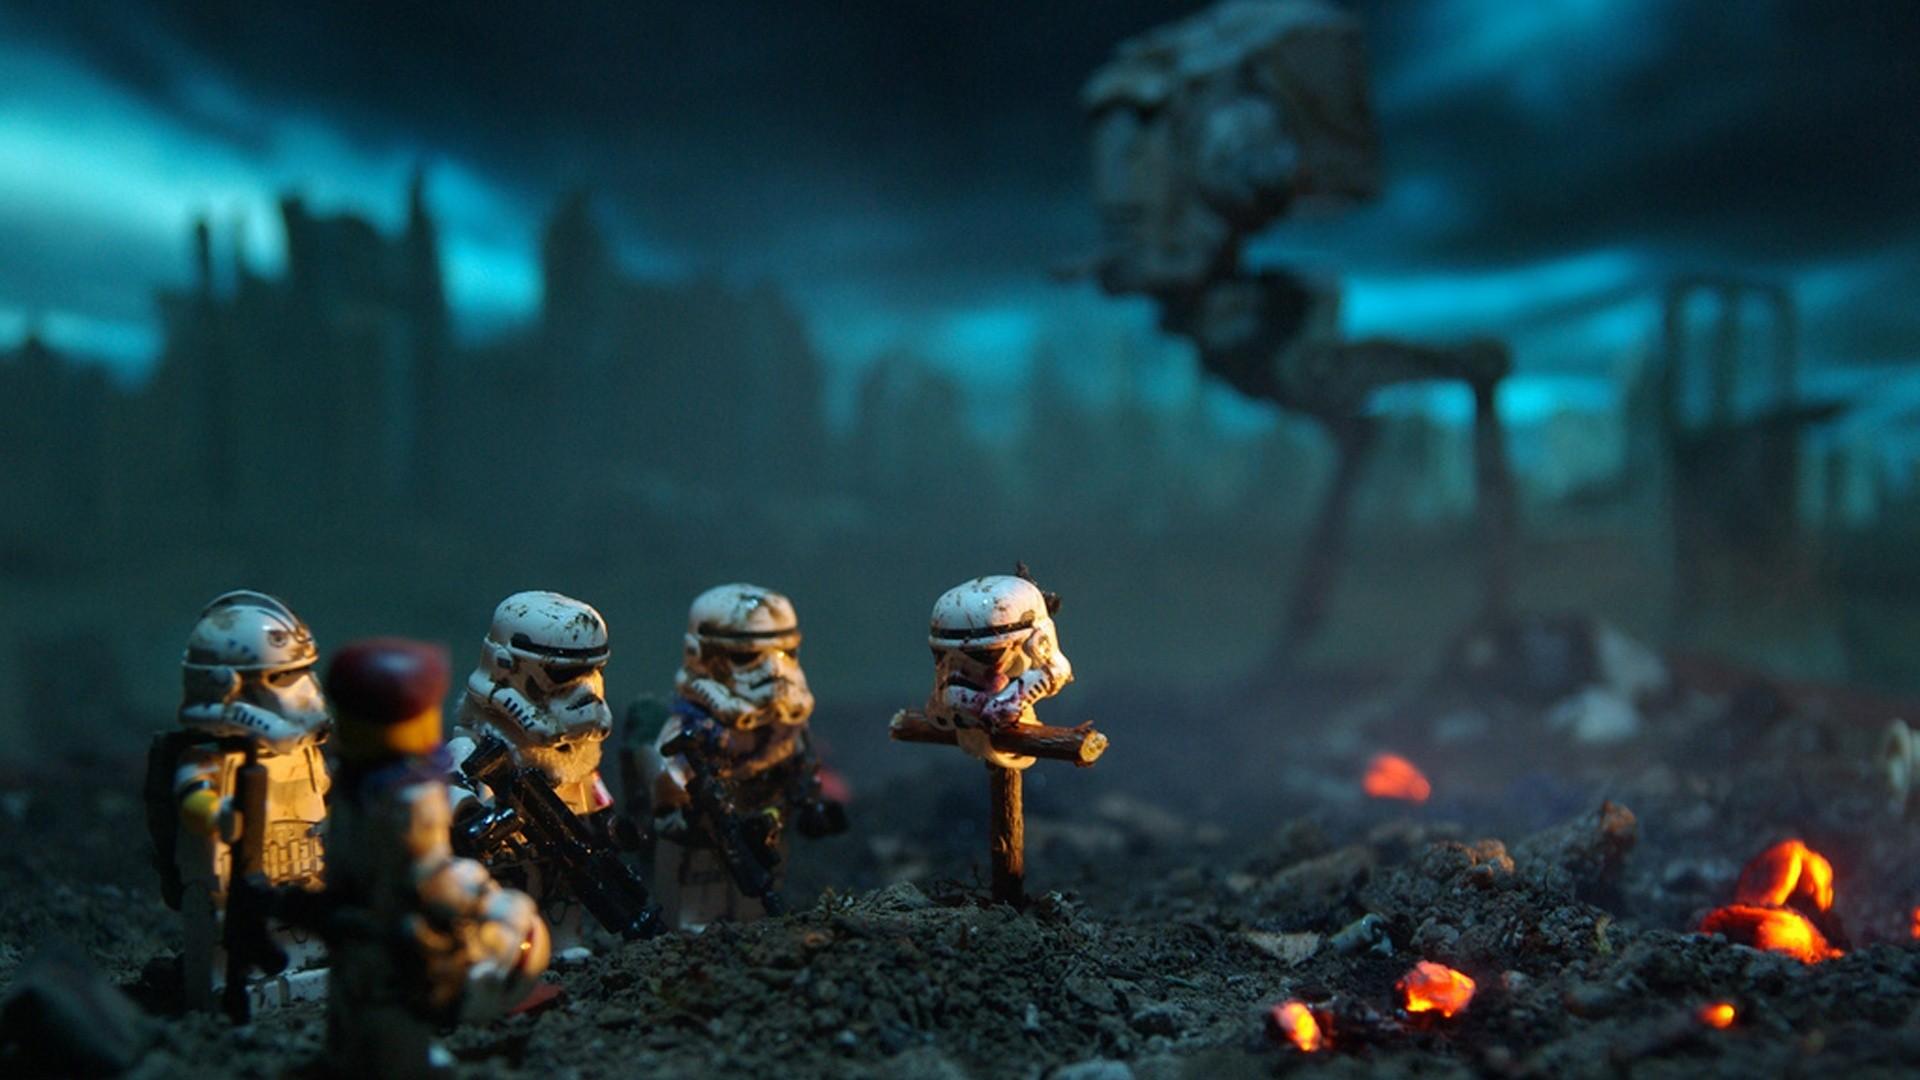 Cool Star Wars Wallpapers HD - WallpaperSafari